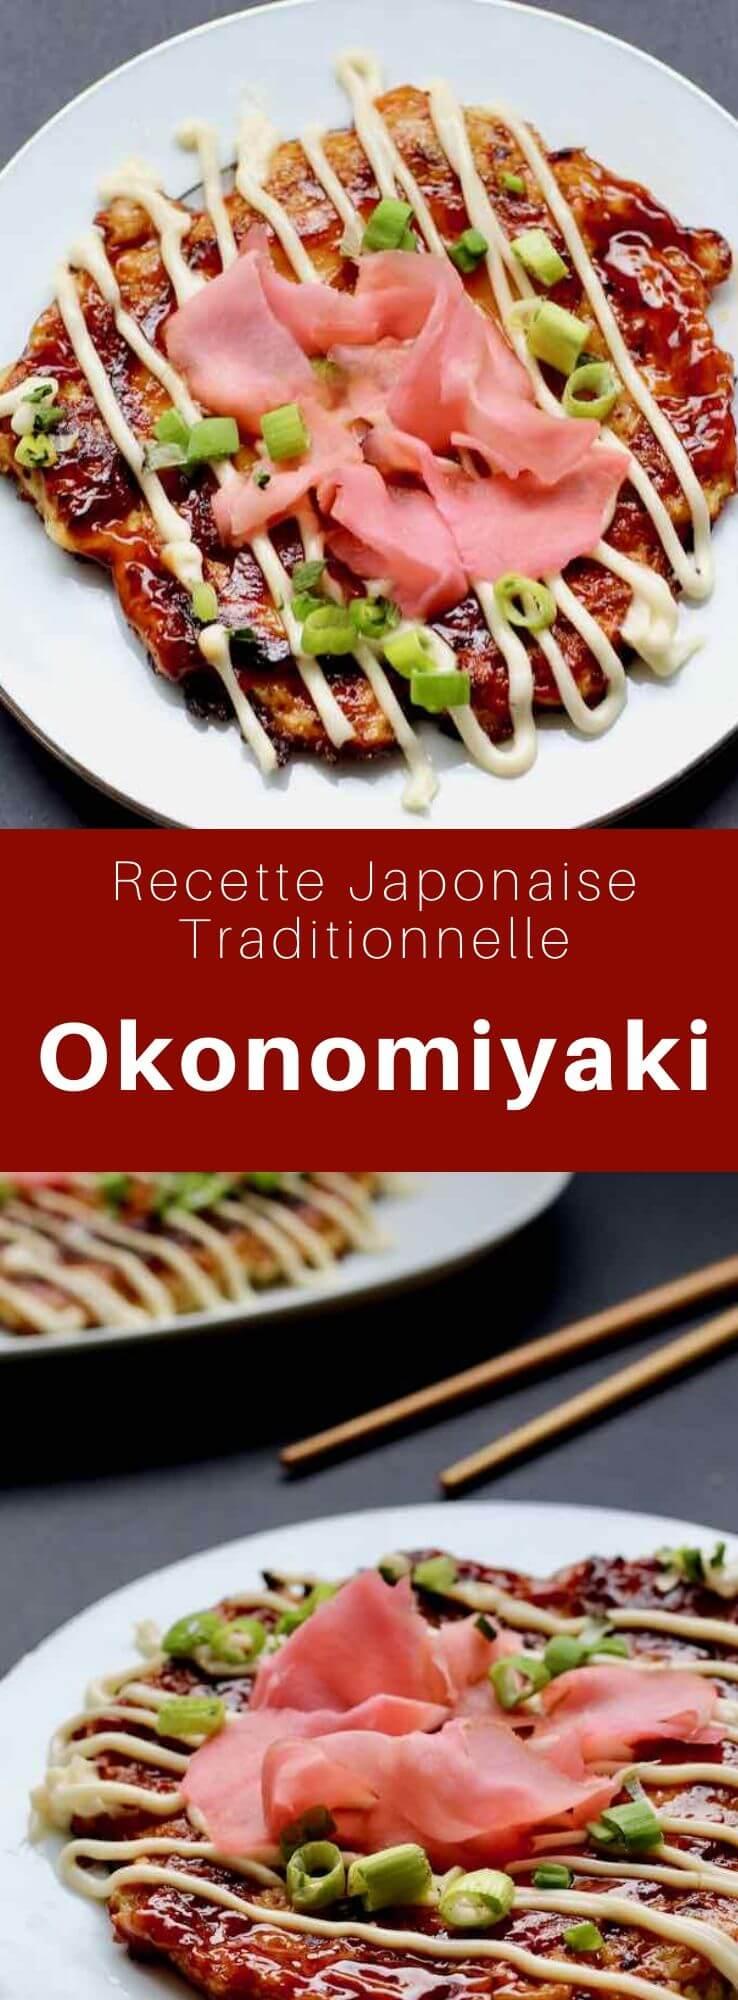 L'okonomiyaki (お好み焼き) est un plat japonais composé d'une pâte qui enrobe un nombre d'ingrédients très variables souvent comparé au pancake ou à la pizza. #Japon #CuisineJaponaise #RecetteJaponaise #CuisineDuMonde #196flavors